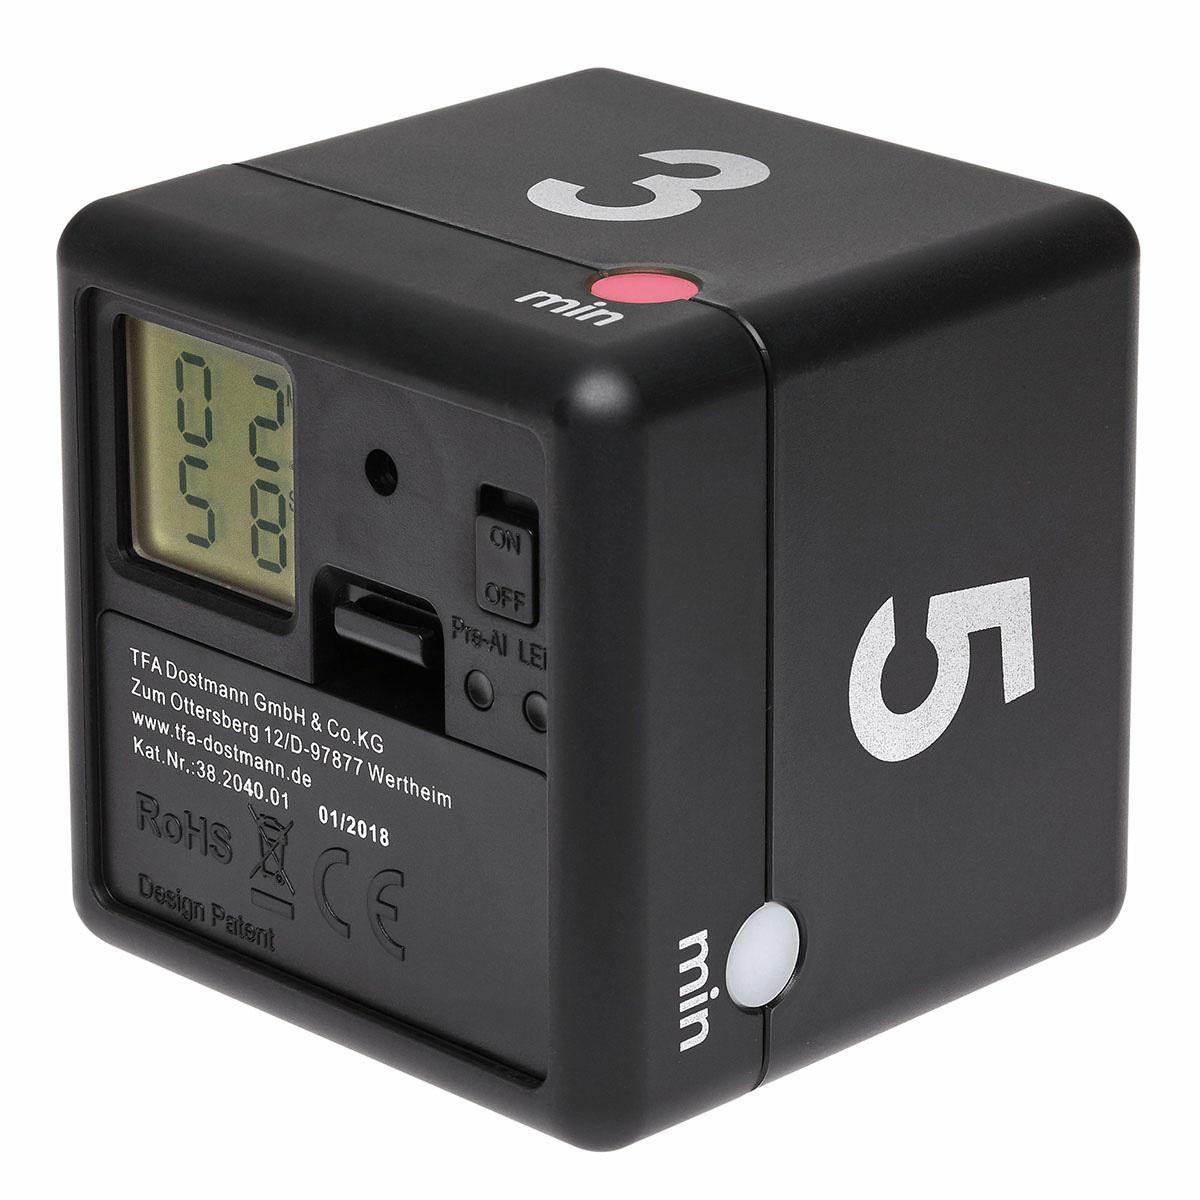 38-2040-01-digitaler-würfel-timer-cube-timer-anwendung-1200x1200px.jpg